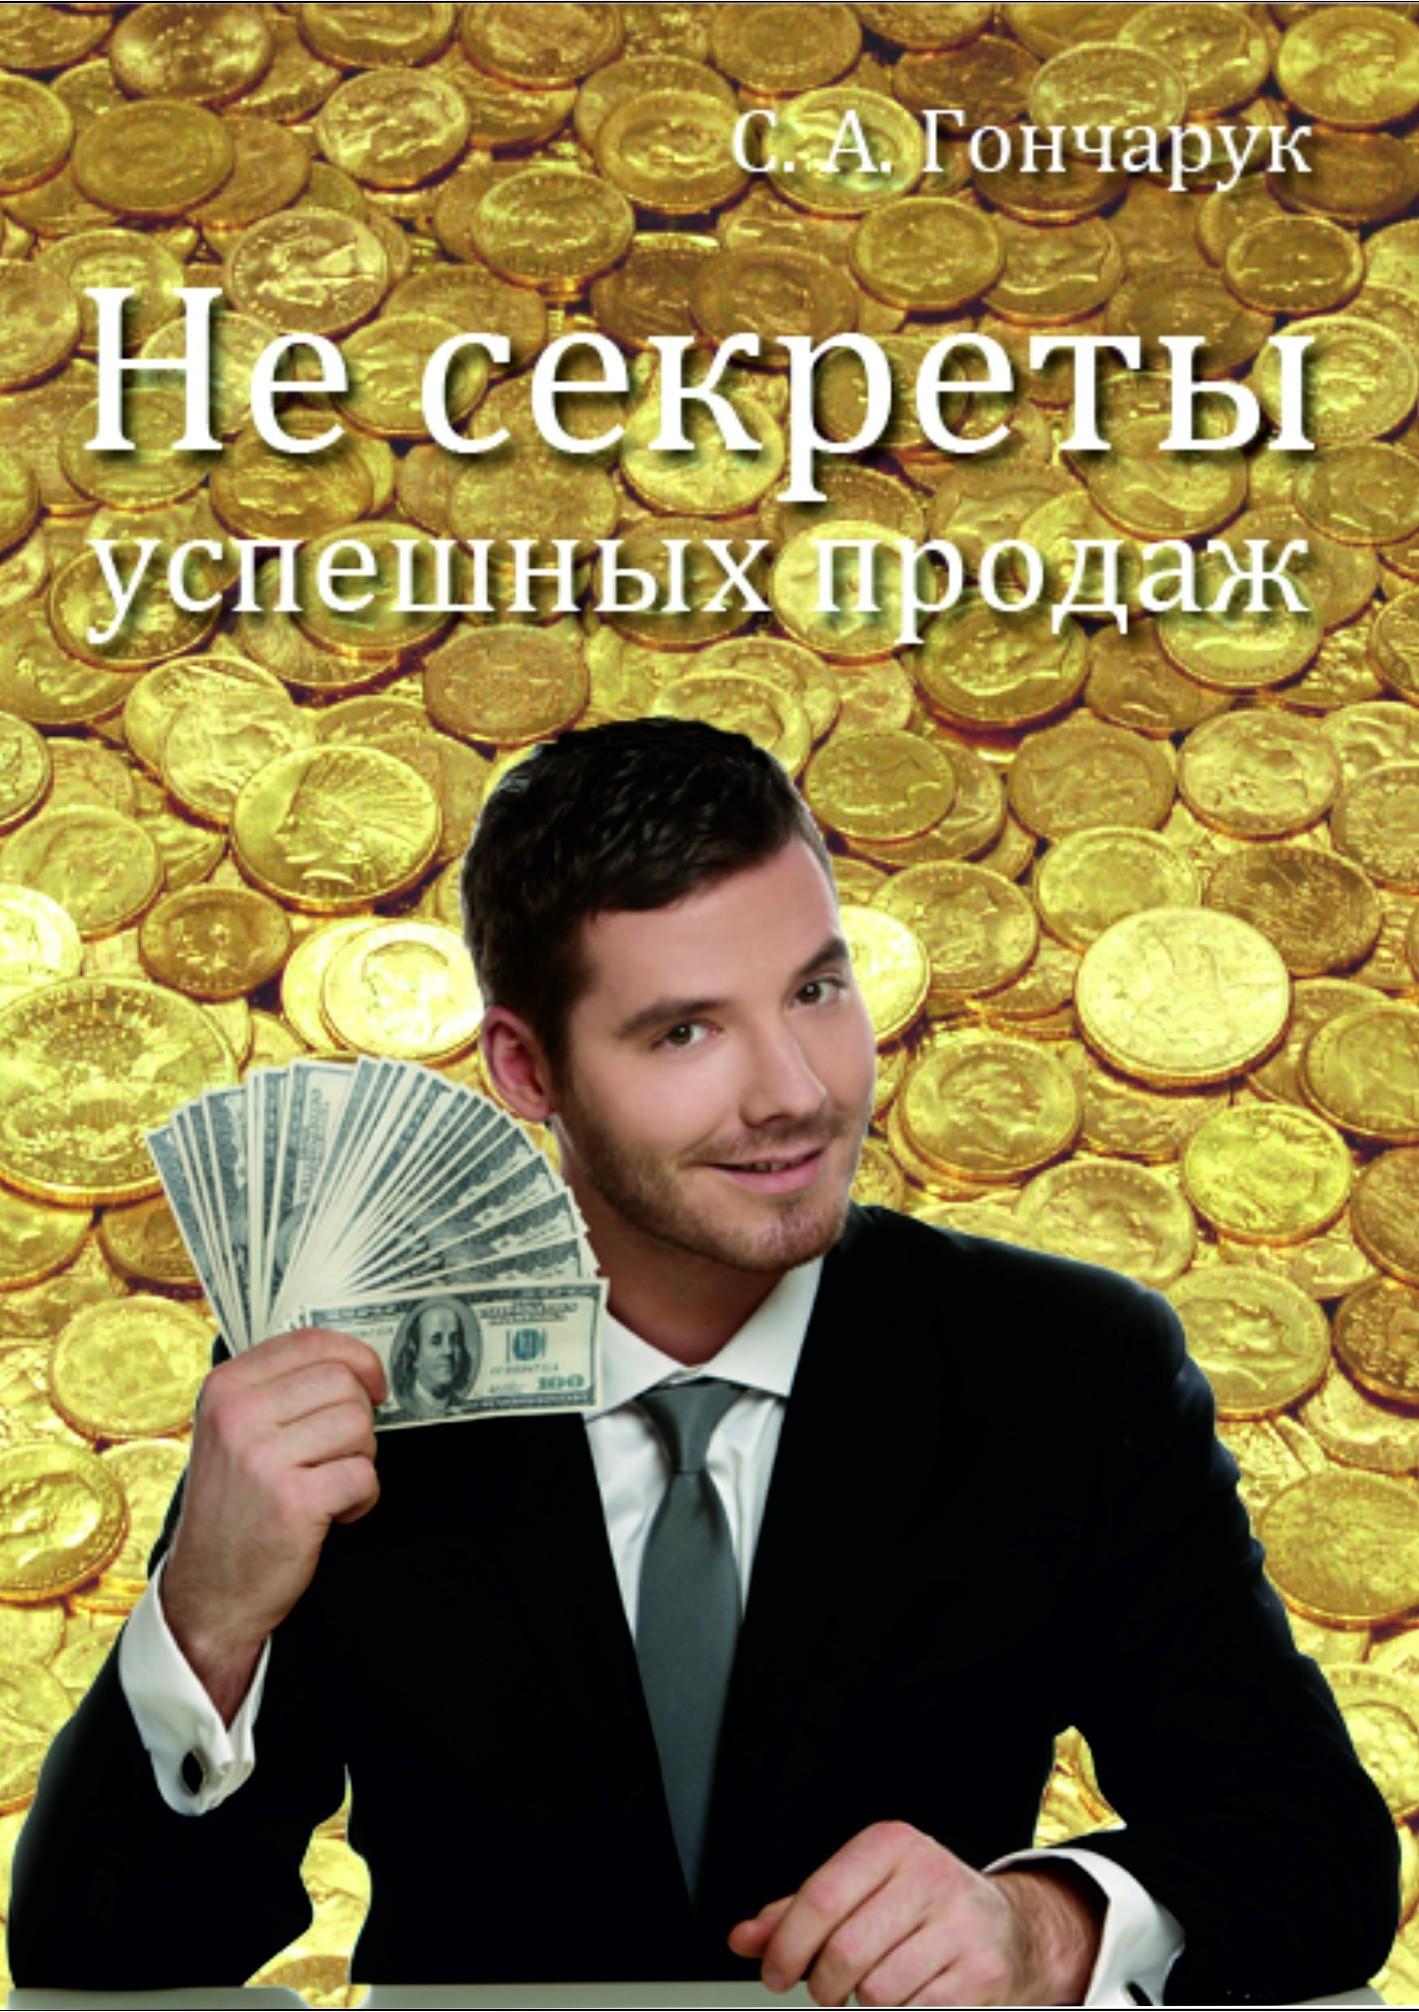 Сергей Анатольевич Гончарук. Не секреты успешных продаж